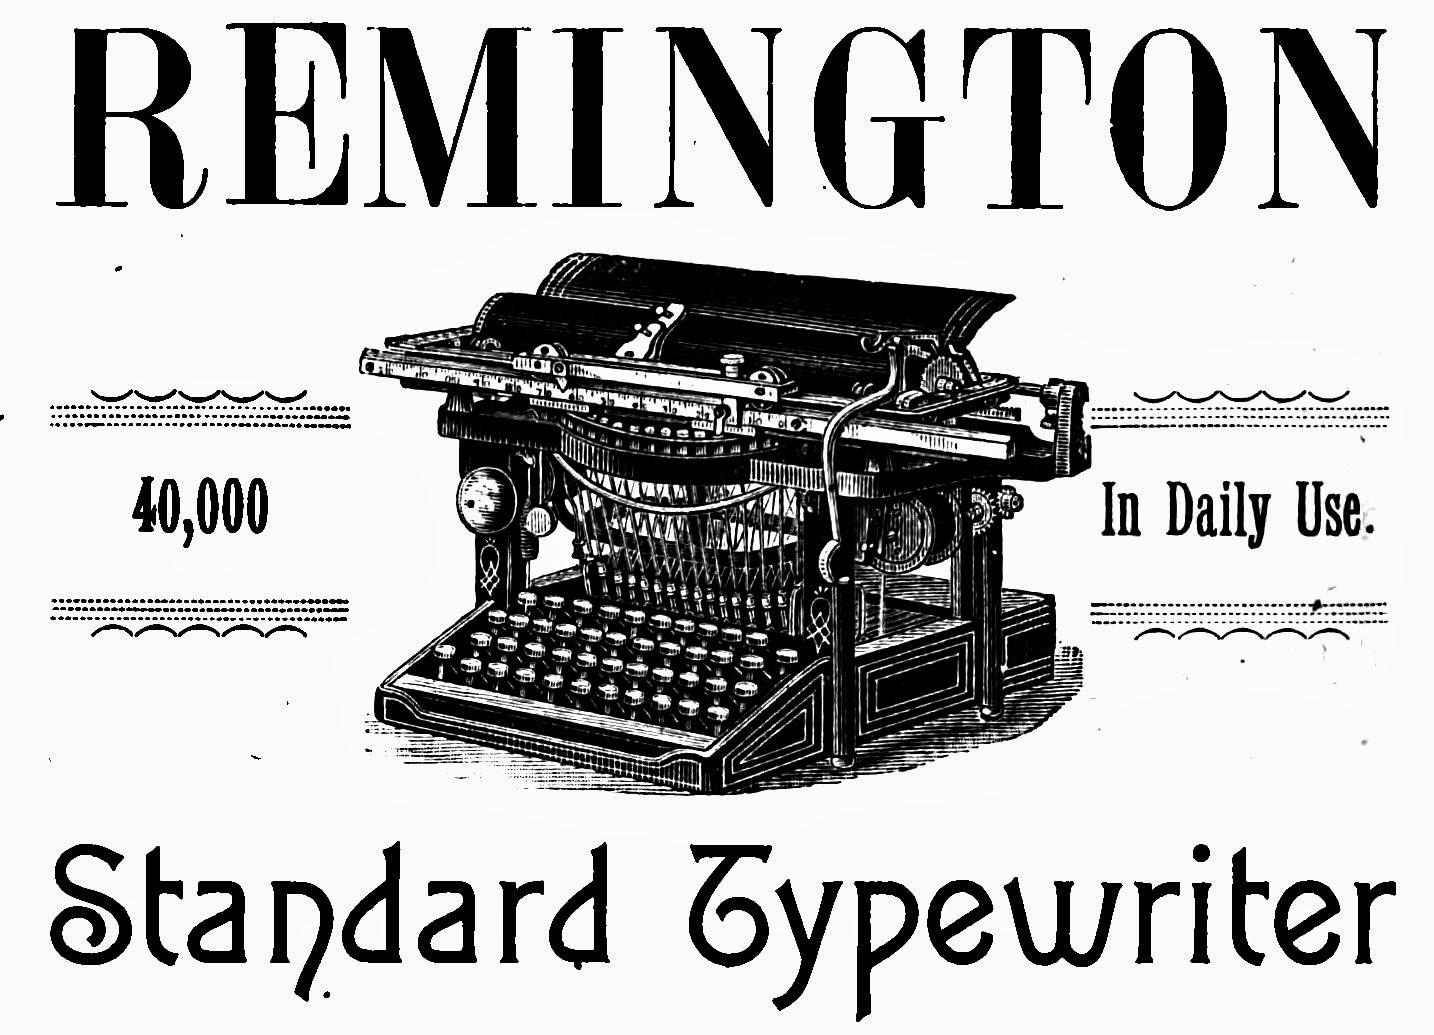 Old Vintage Designs: 13 Inspiring Vintage Ads From 1888